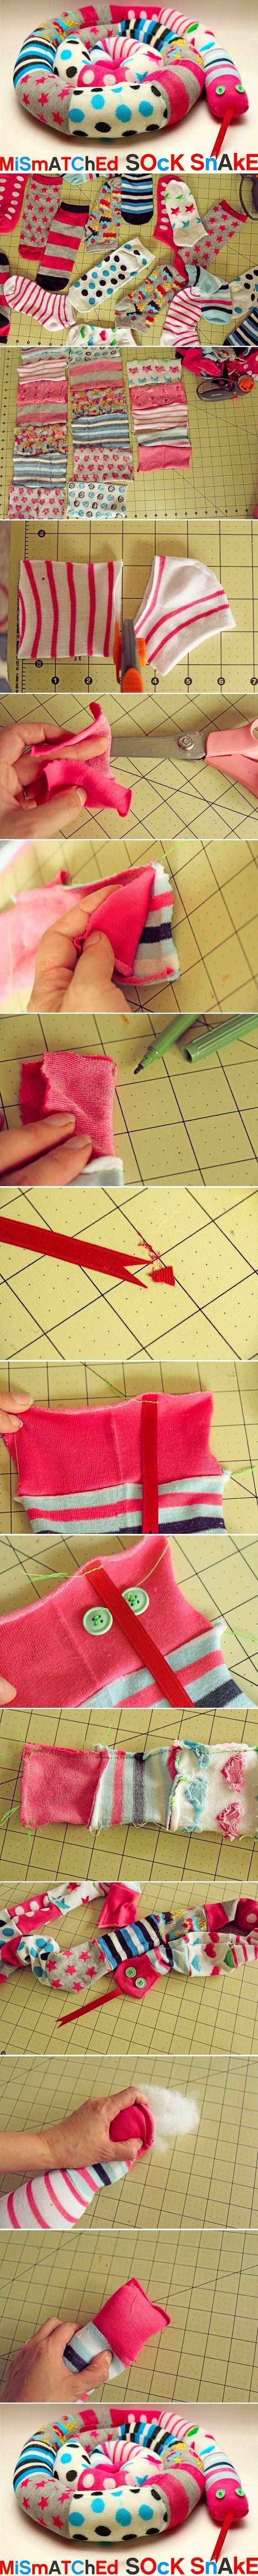 Plastik Kapaklardan Oyuncak Yılan Yapımı